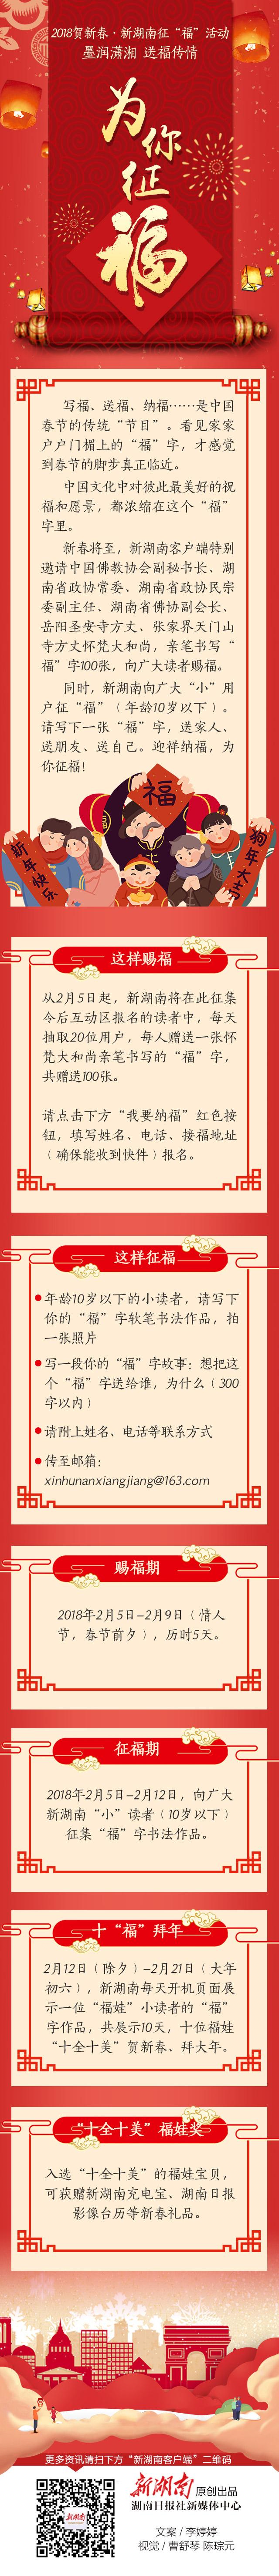 """征集令丨贺新春,新湖南这样为你征""""福""""! 新湖南www.hunanabc.com"""